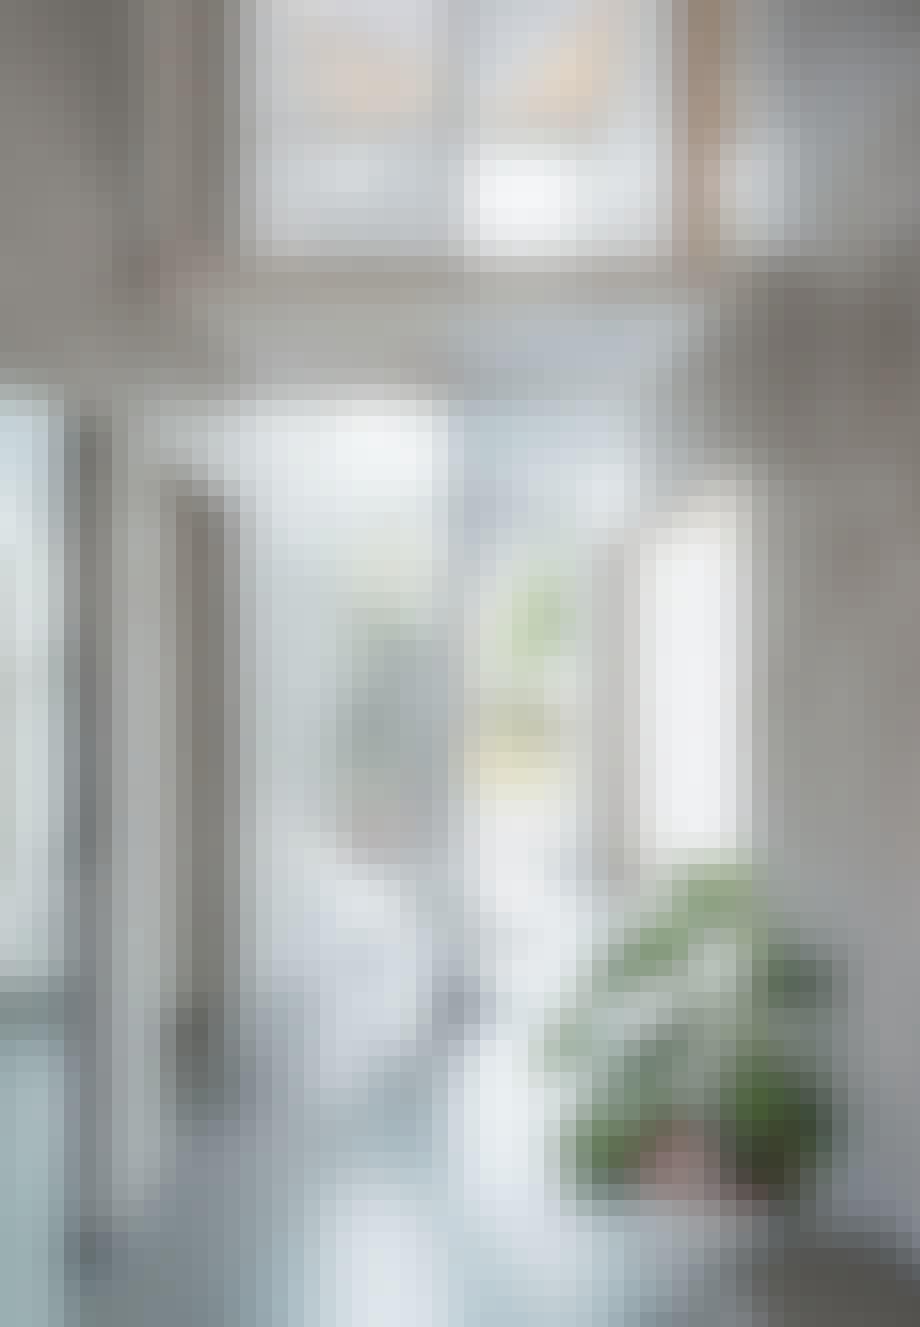 bolig indretning sverige natur trappe